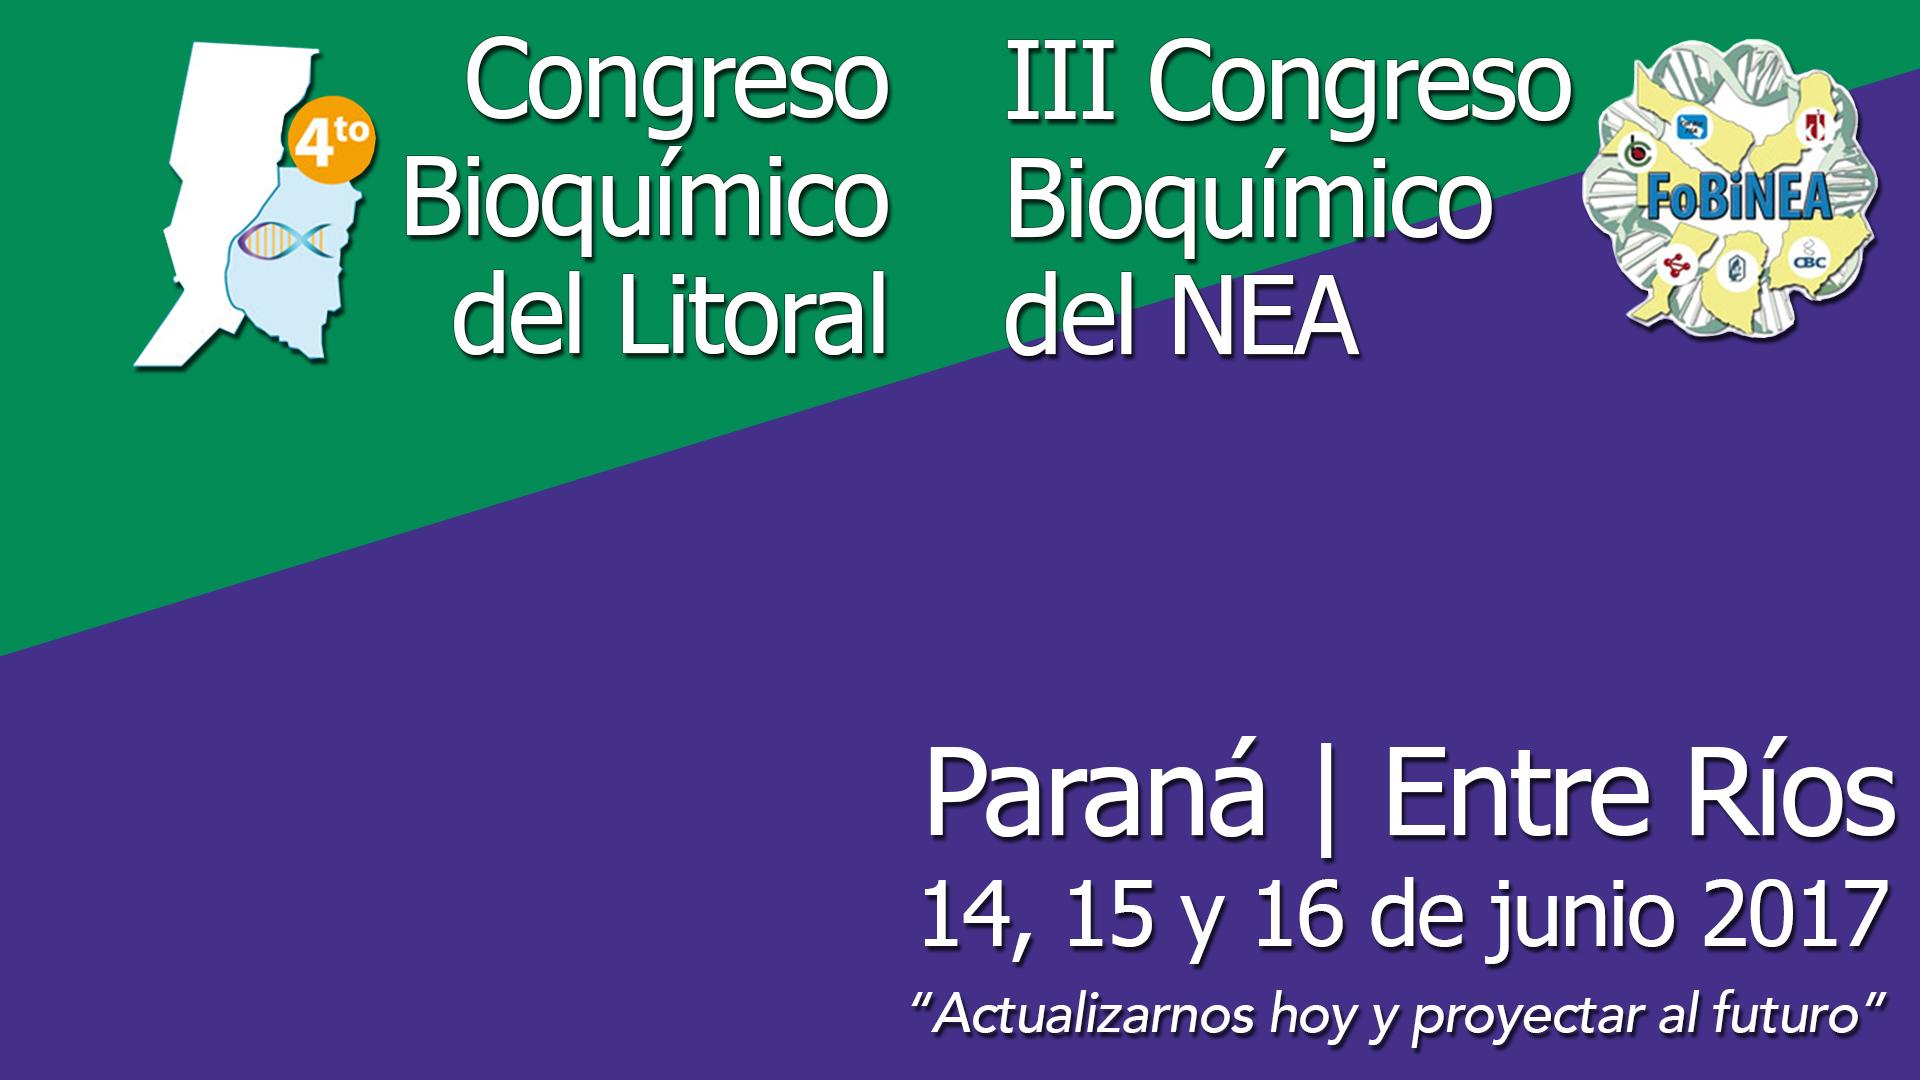 IV Congreso Bioquímico del Litoral